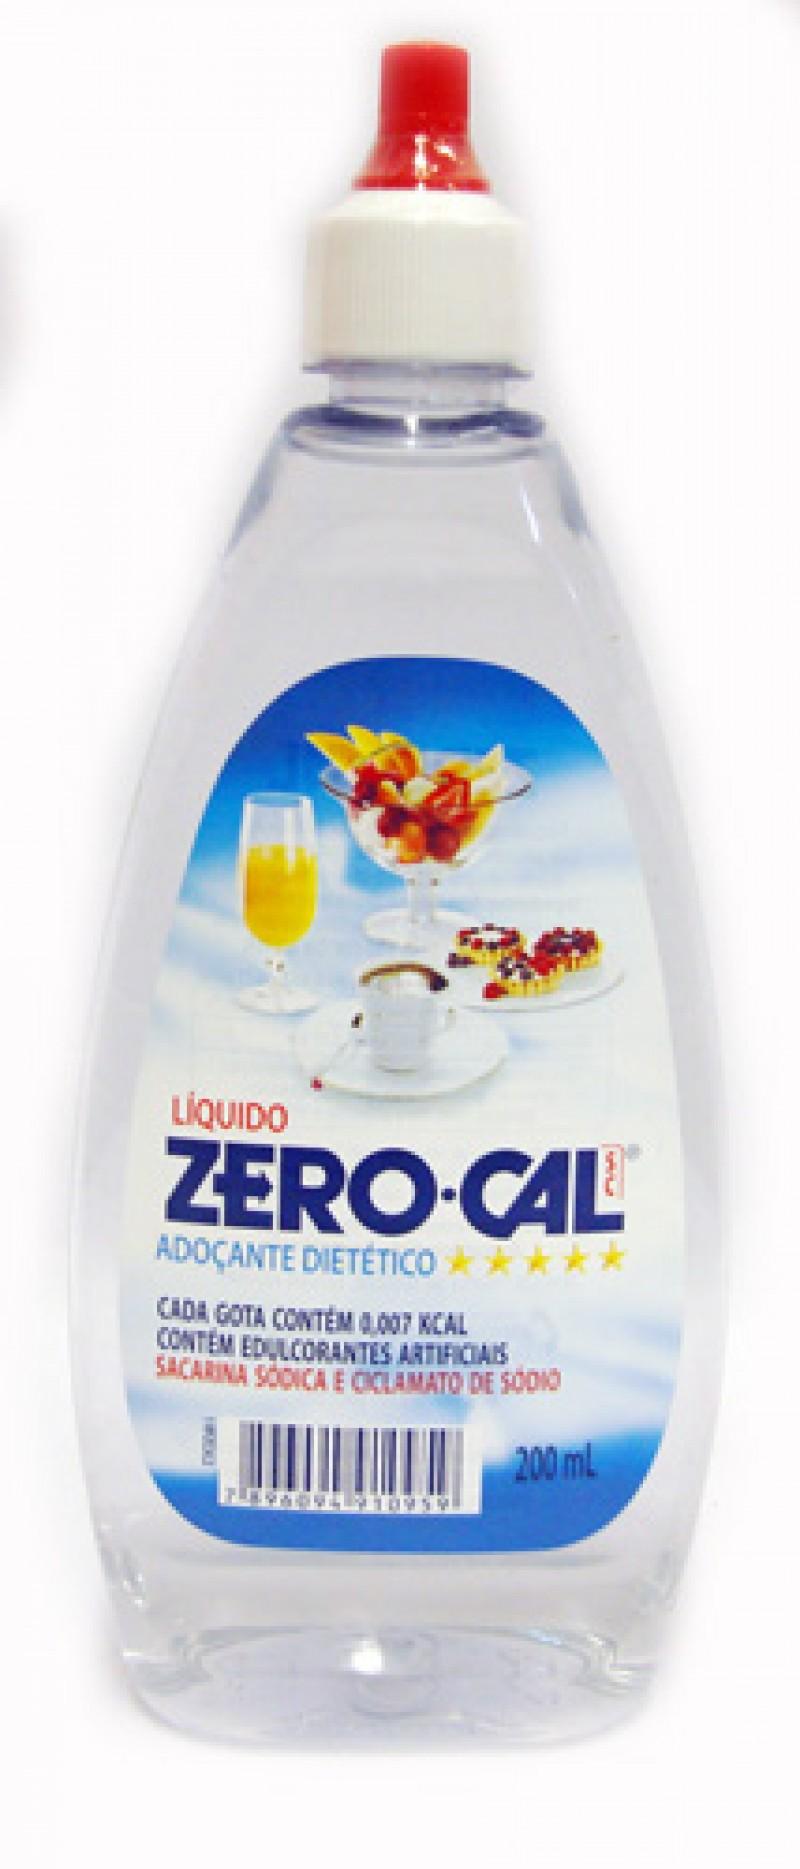 Foto 1 - Adoçante Dietético Líquido Zerocal Ciclamato de Sódio e Sacarina Sódica Gotas 200ml